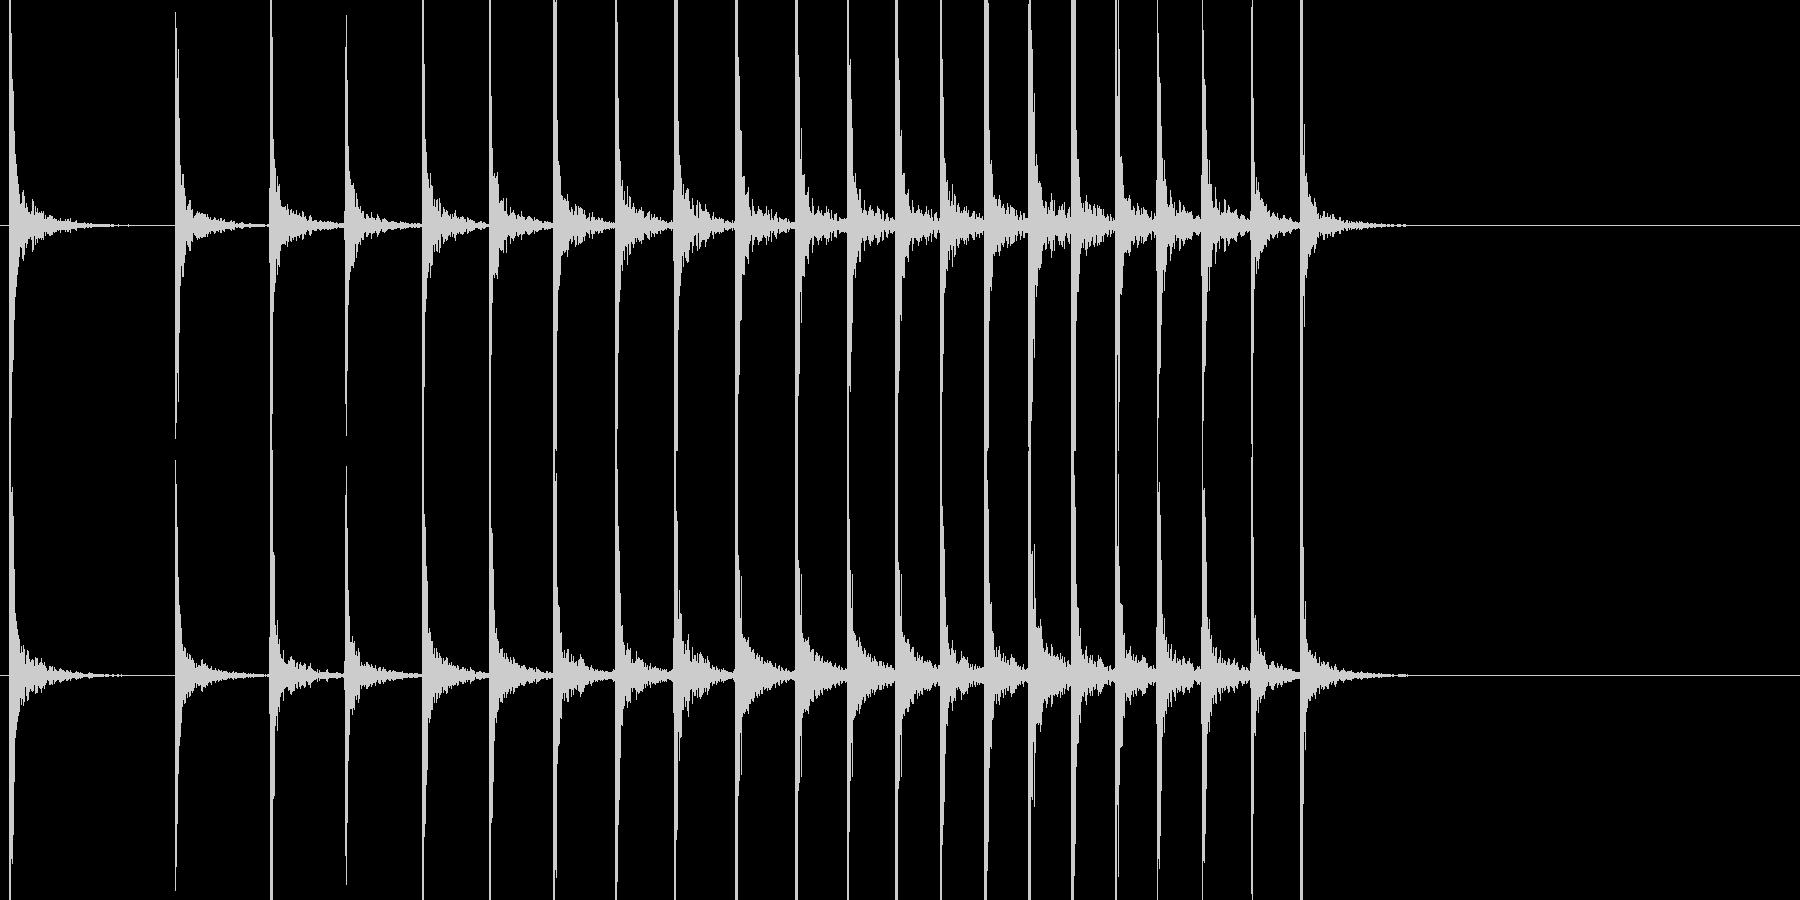 和風 拍子木 よくあるパターンの未再生の波形